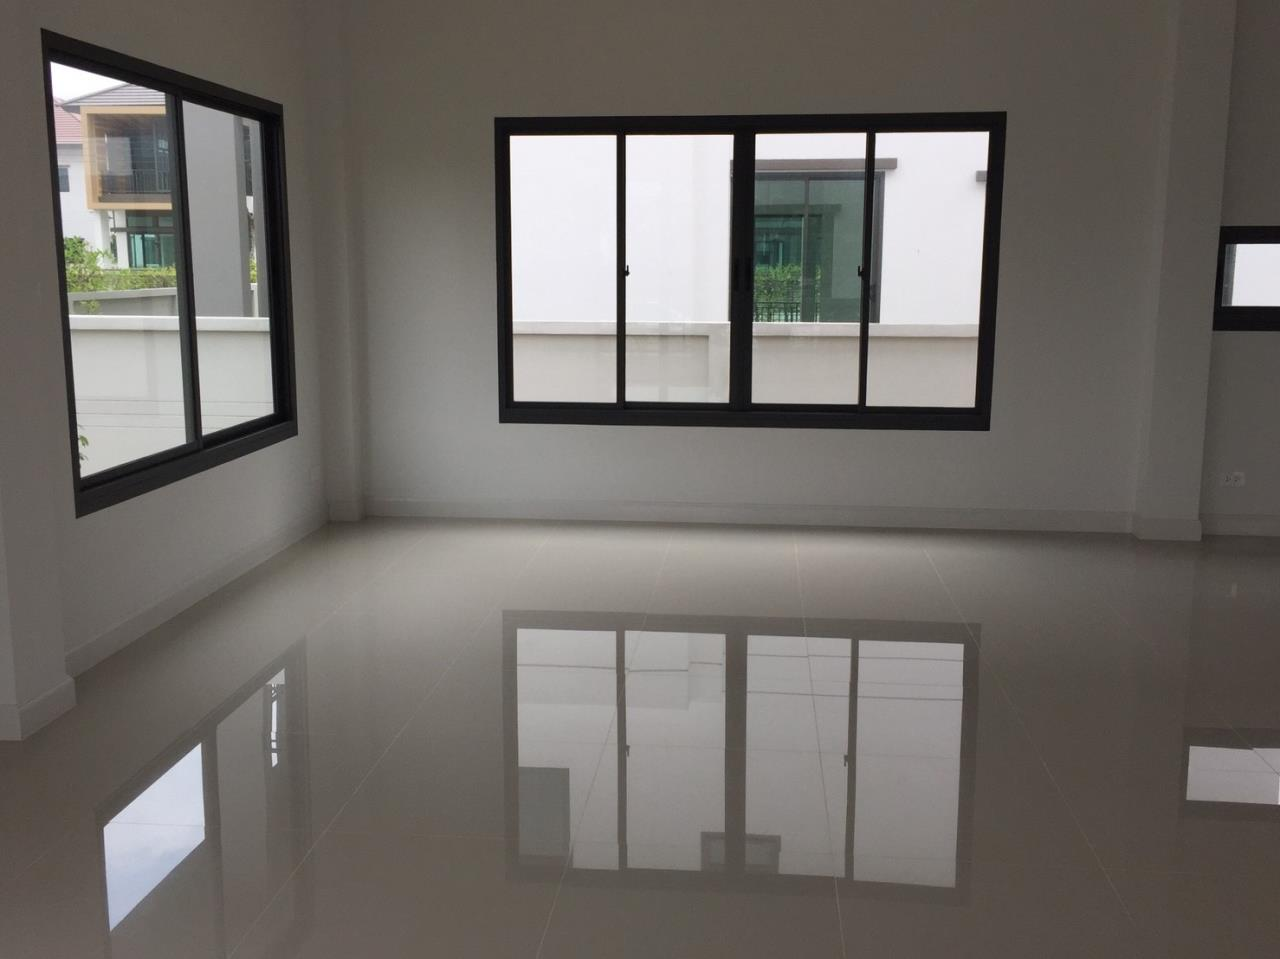 ขาย บ้าน แขวงศาลาธรรมสพน์ เขตทวีวัฒนา กรุงเทพมหานคร, ภาพที่ 3